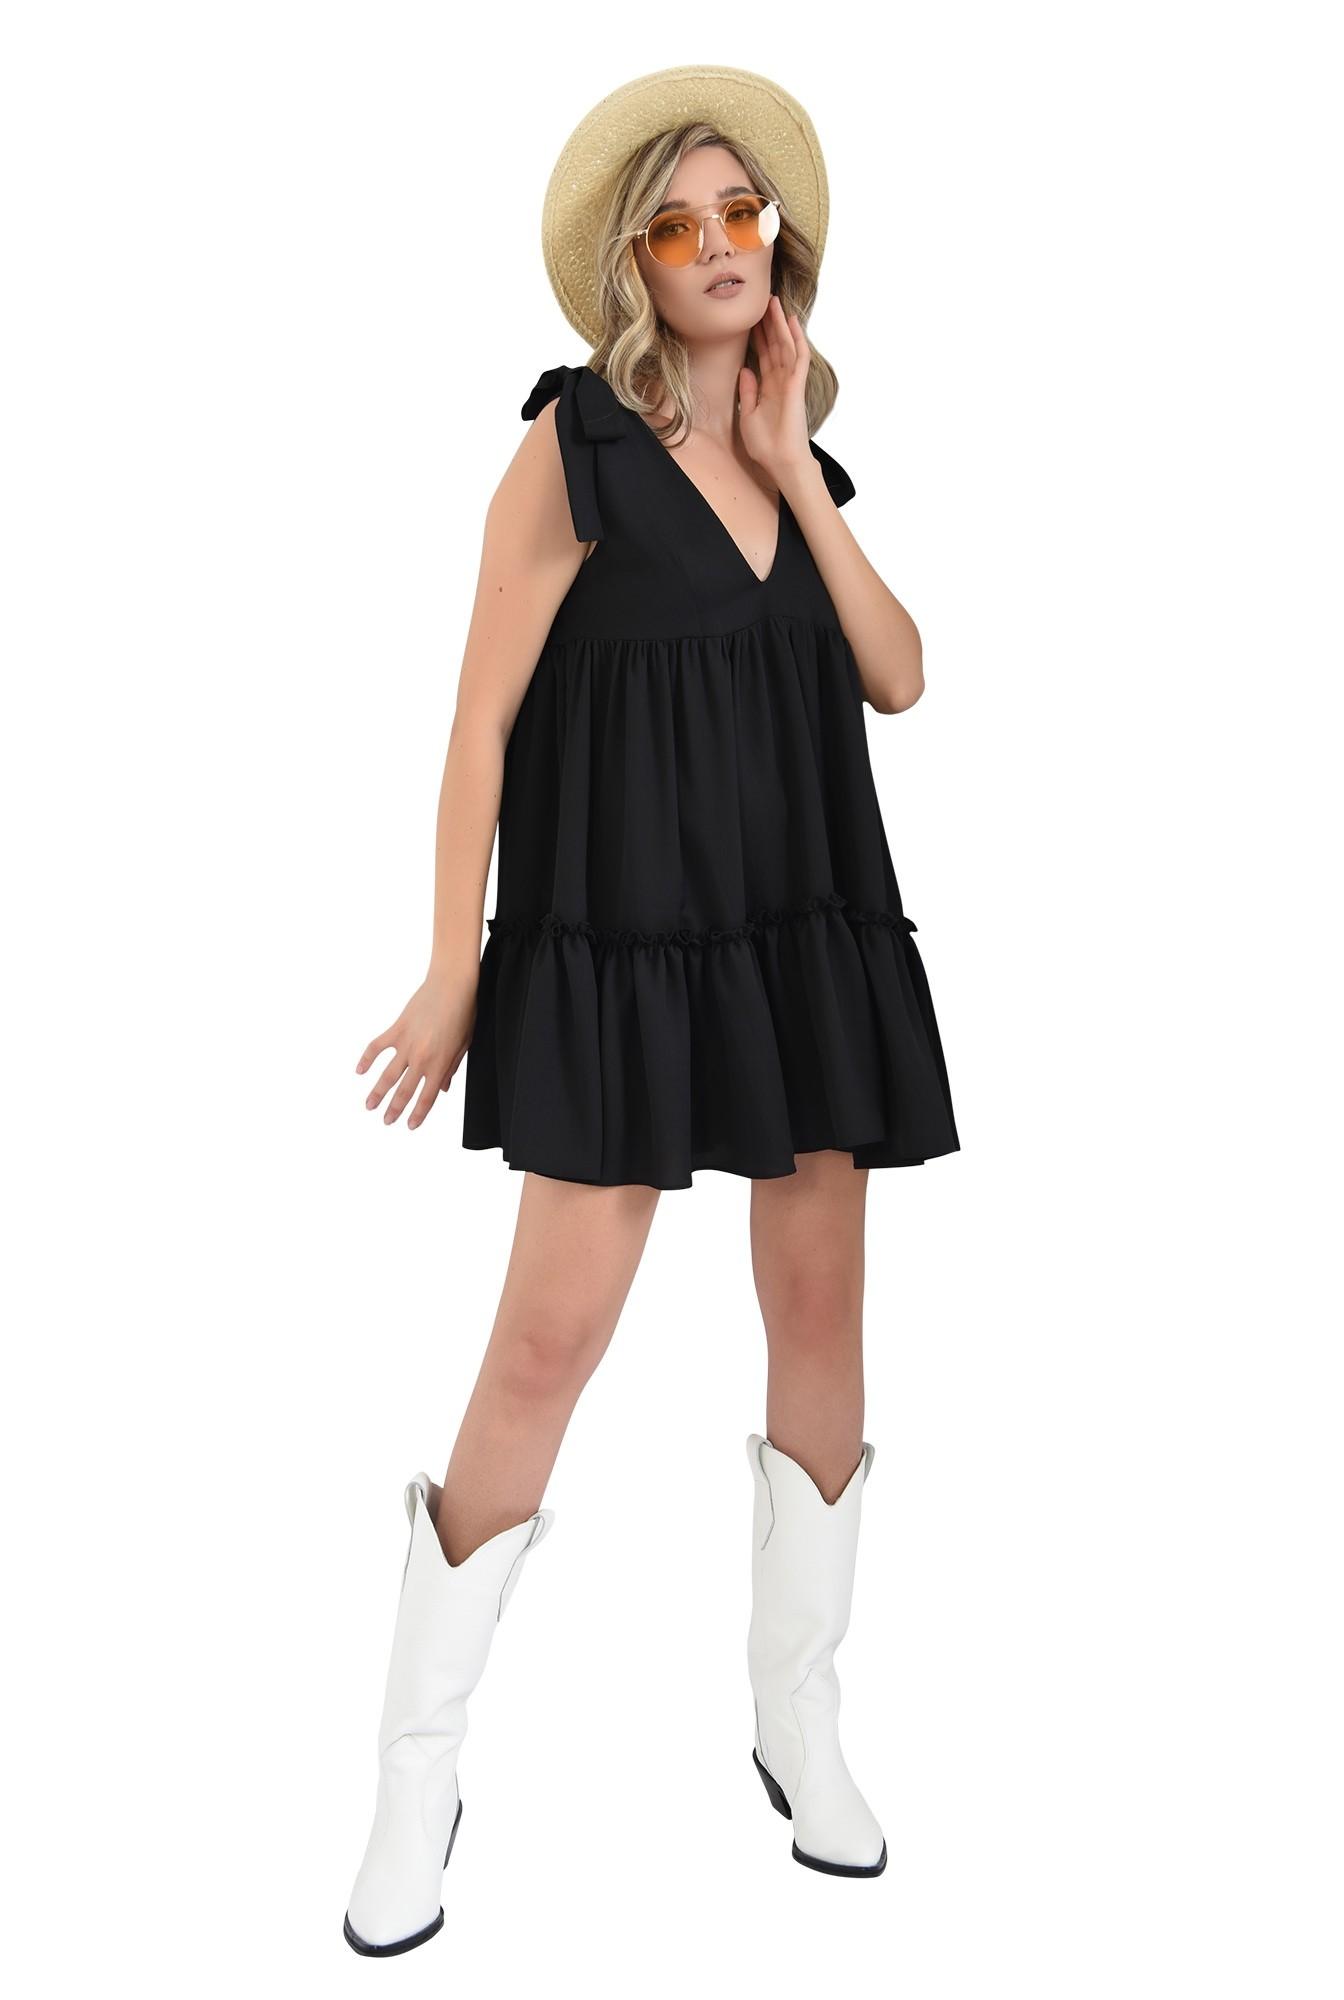 3 - 360 - rochie scurta, larga, neagra, cu funde, Poema